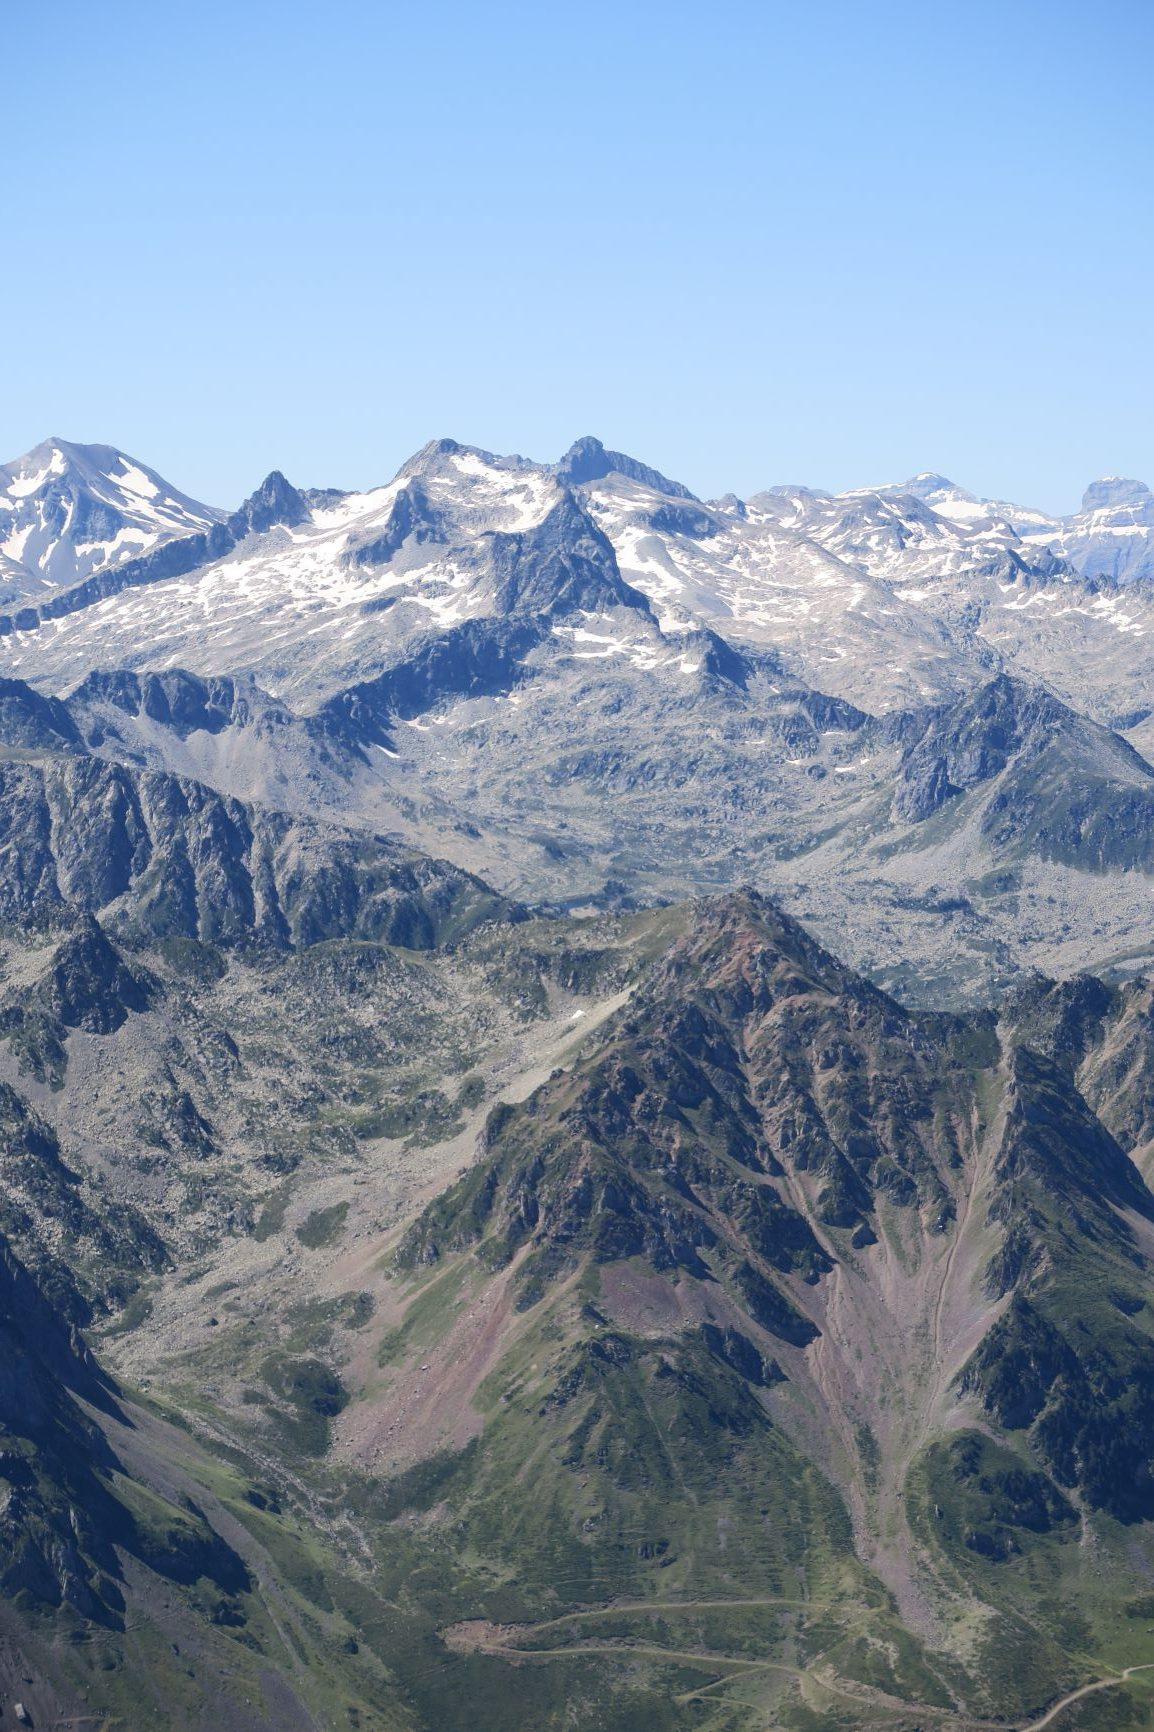 vue depuis le sommet du pic du midi